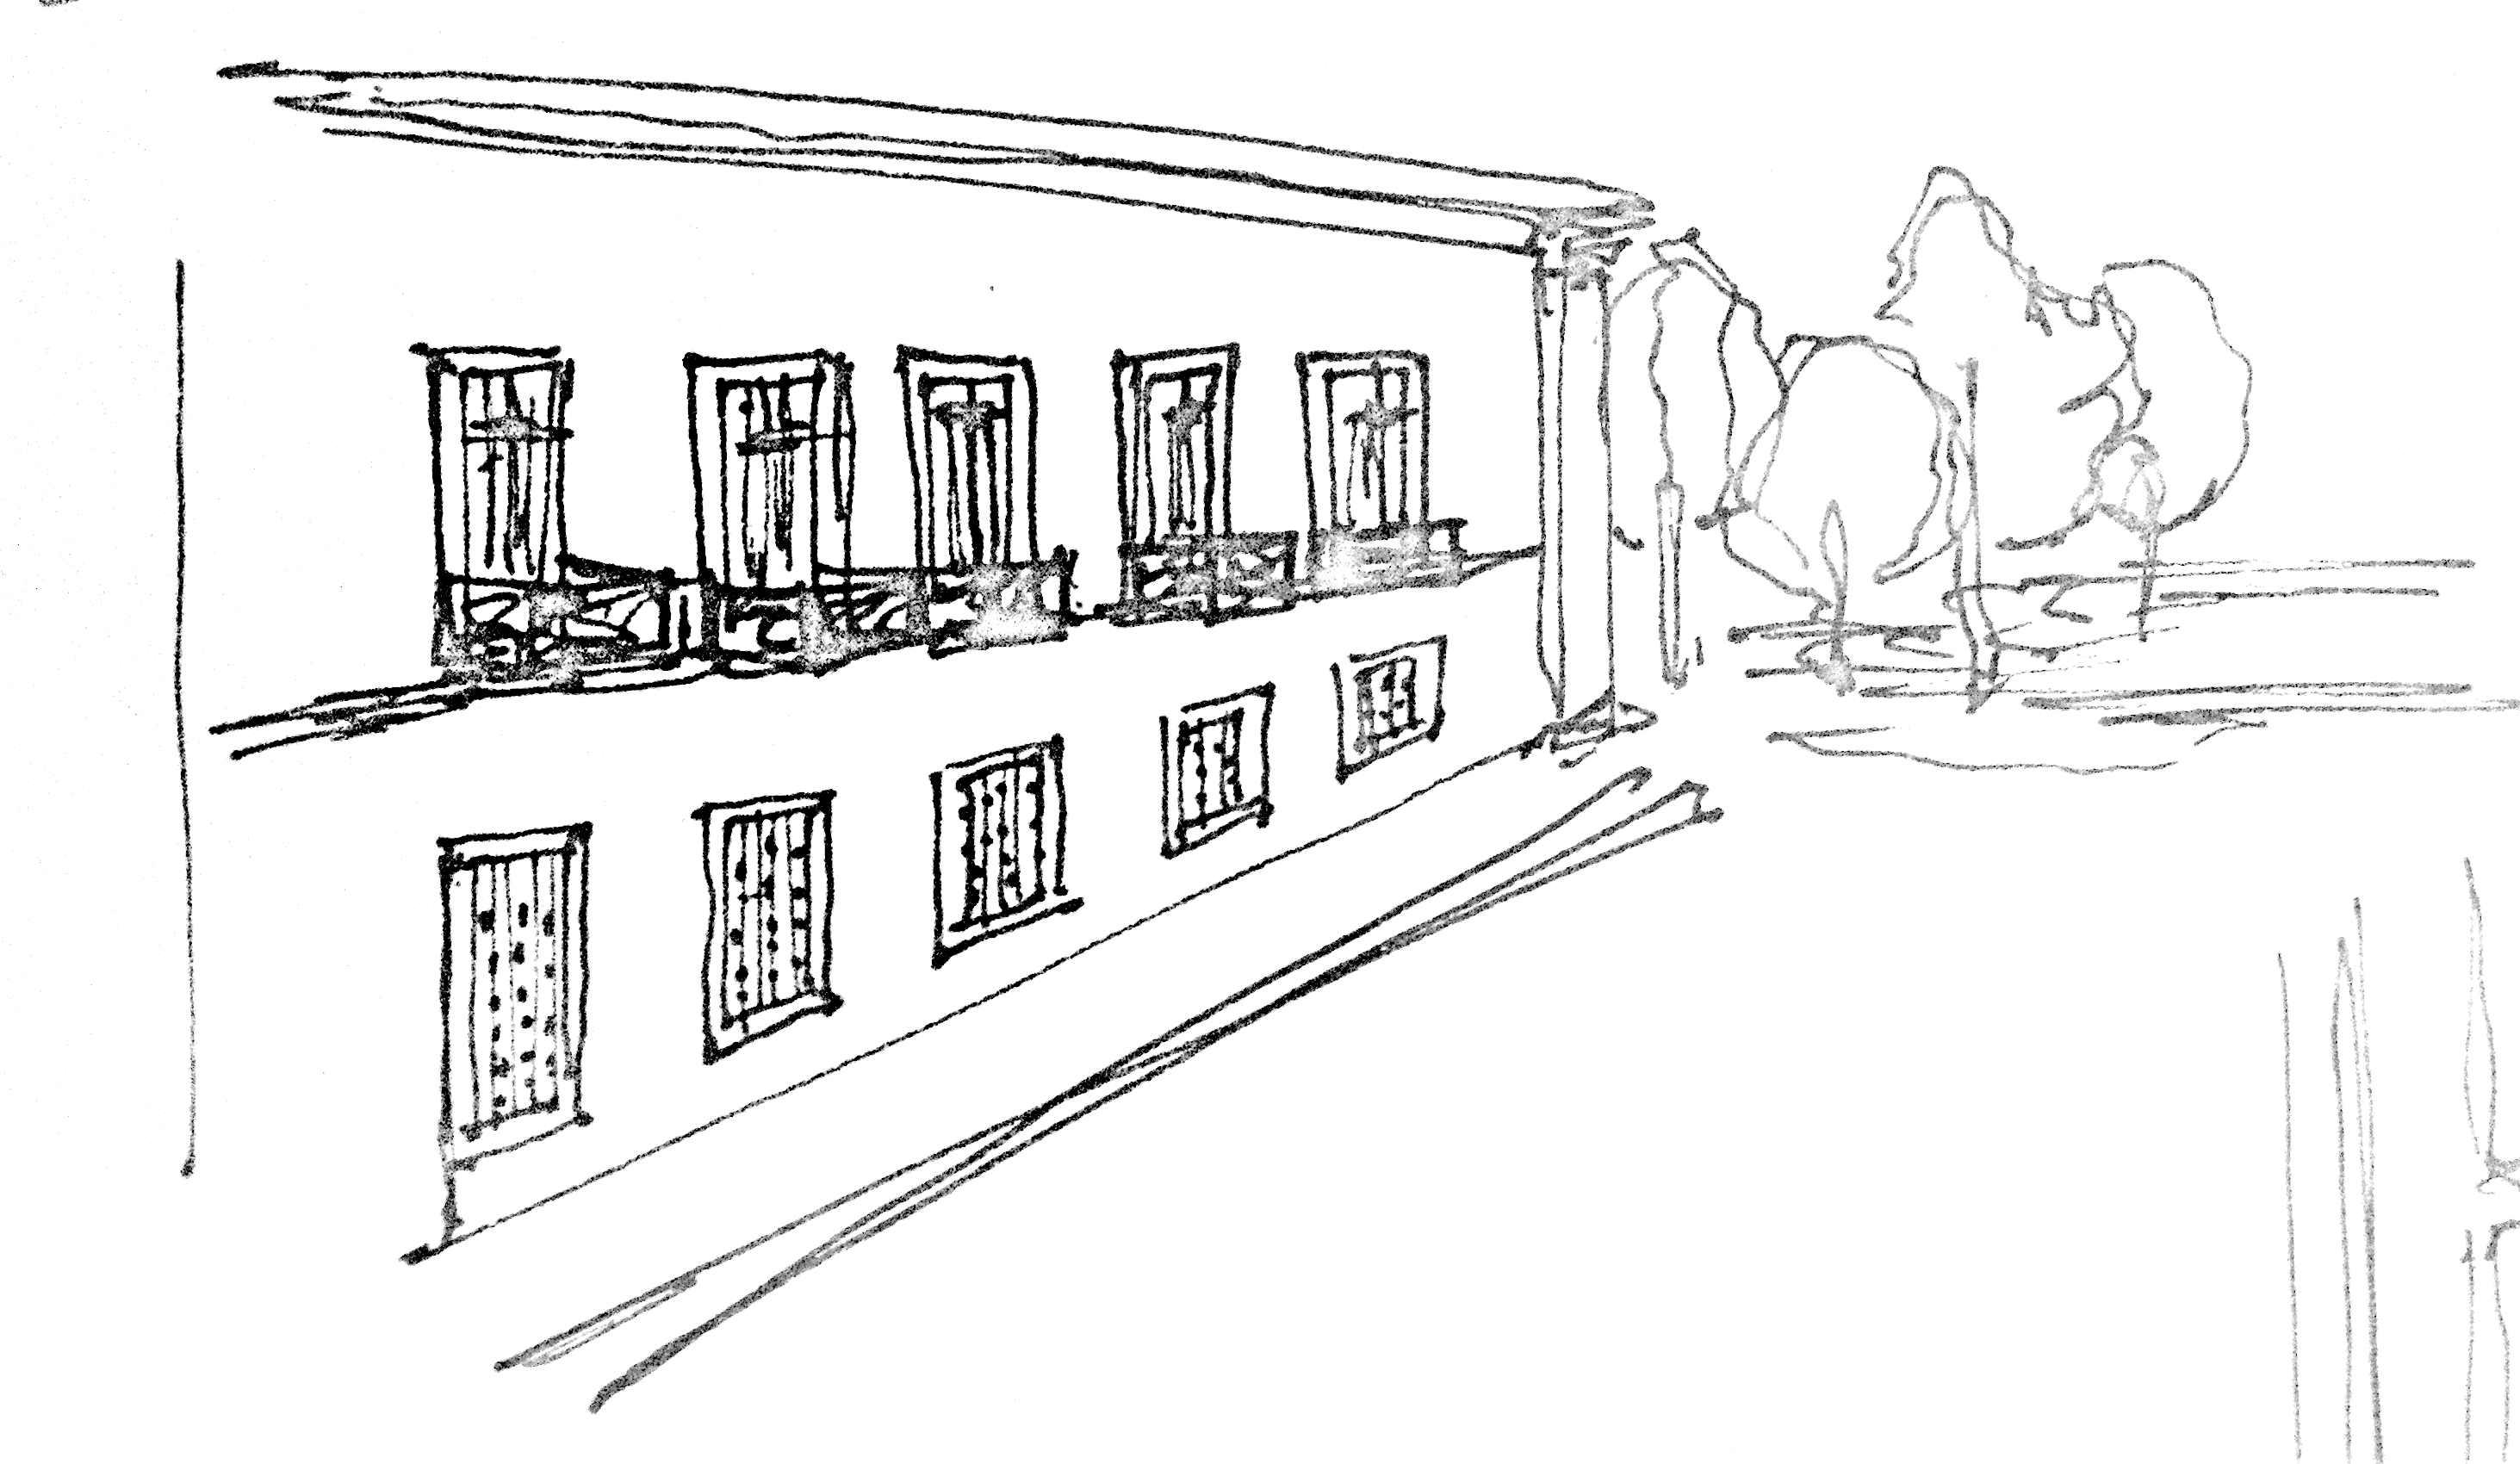 Building Facade Sketch